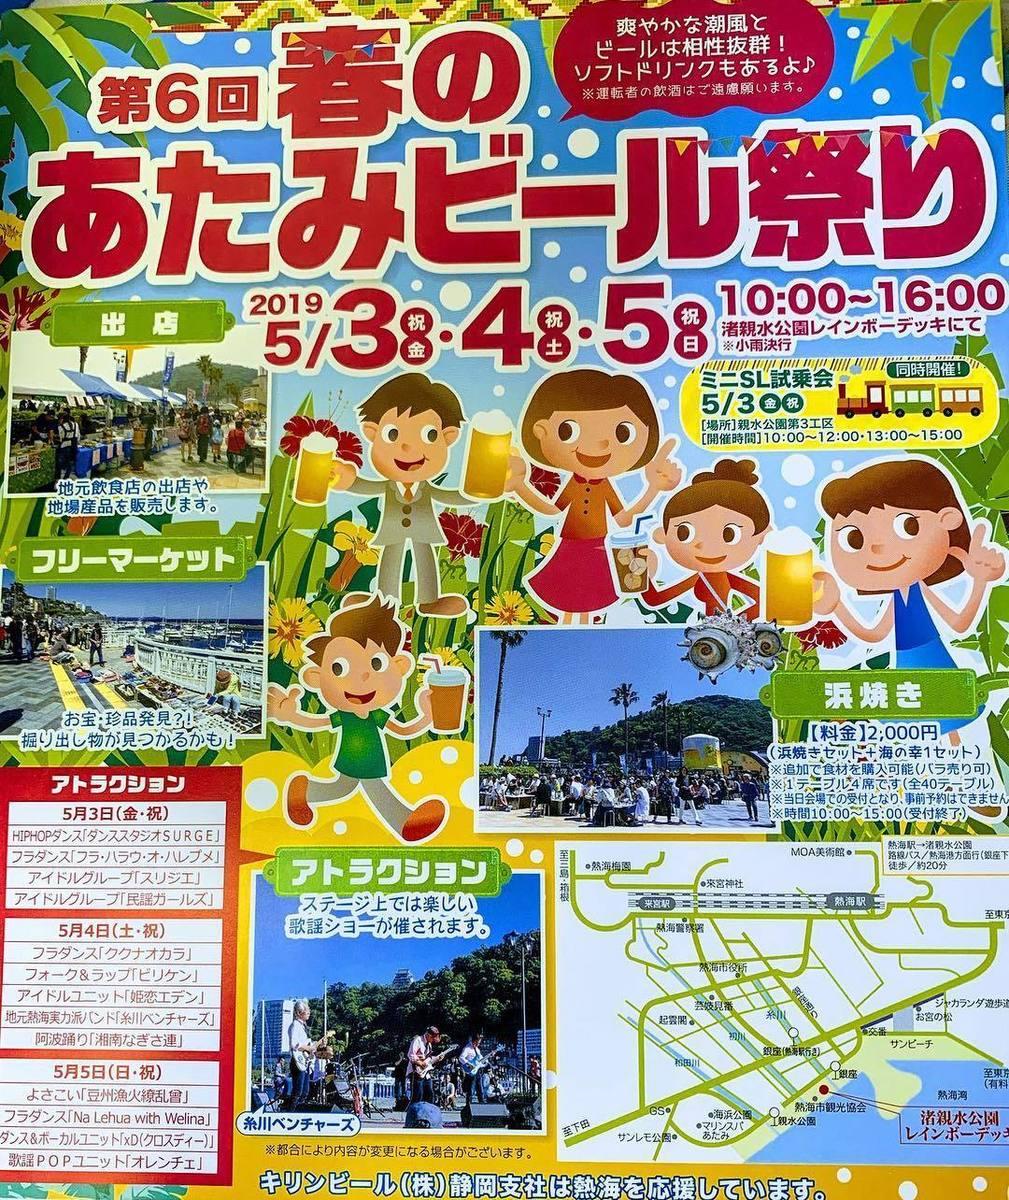 2019春のあたみビール祭りポスター.jpg